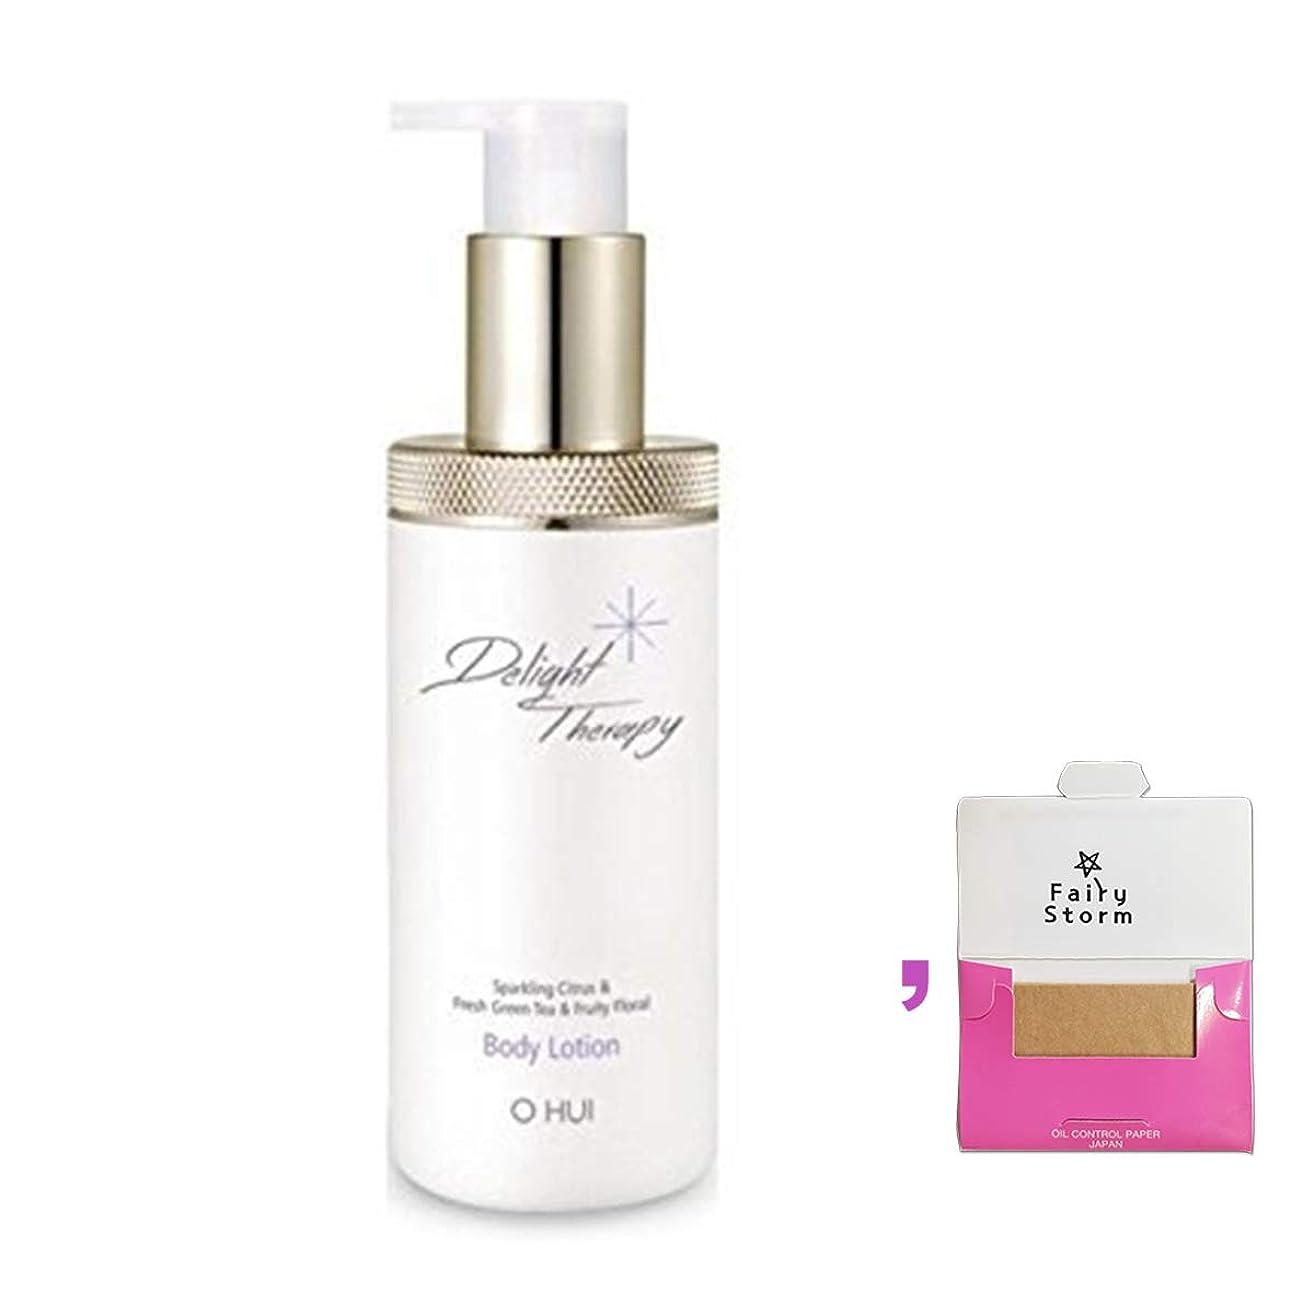 耳フィットネスベーコン[オフィ/ O HUI]韓国化粧品 LG生活健康/Ohui Delight Therapy Body Lotion 300ml - 海藻成分が含有されてしっとりとしたボディを完成してくれるリラックスボディローション+[Sample Gift](海外直送品)